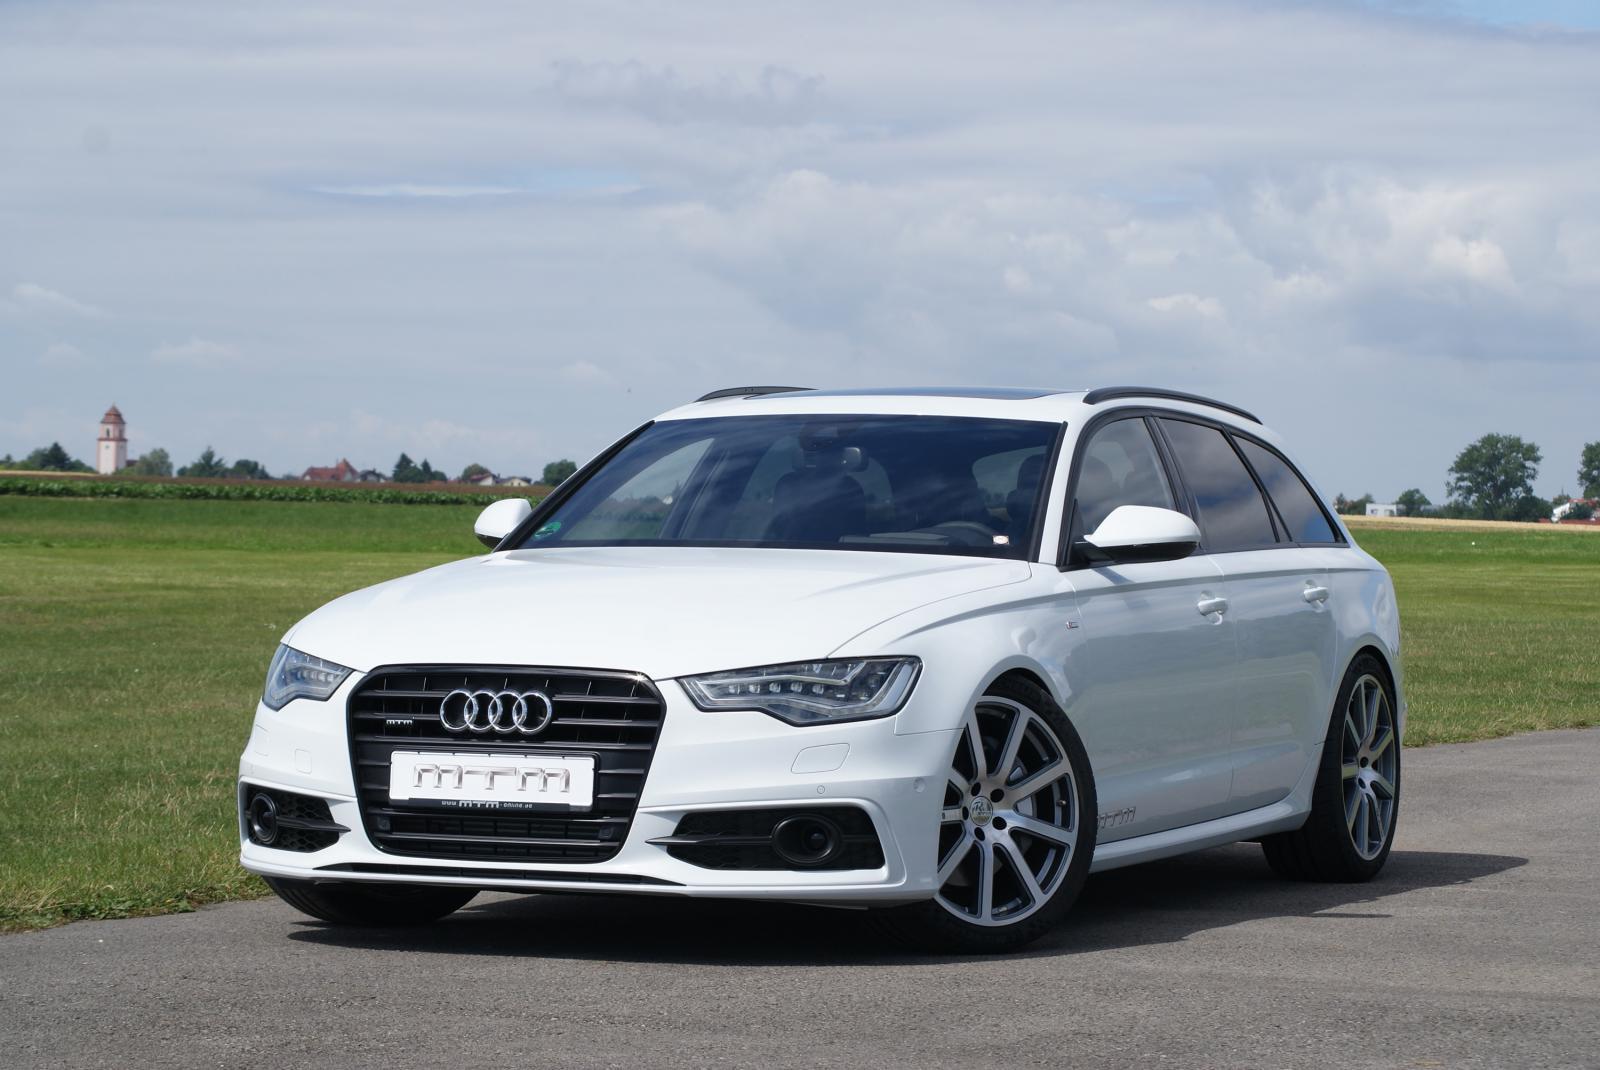 Audi A6 30 Bitdi Por Mtm Audi Foto 32029081 Fanpop